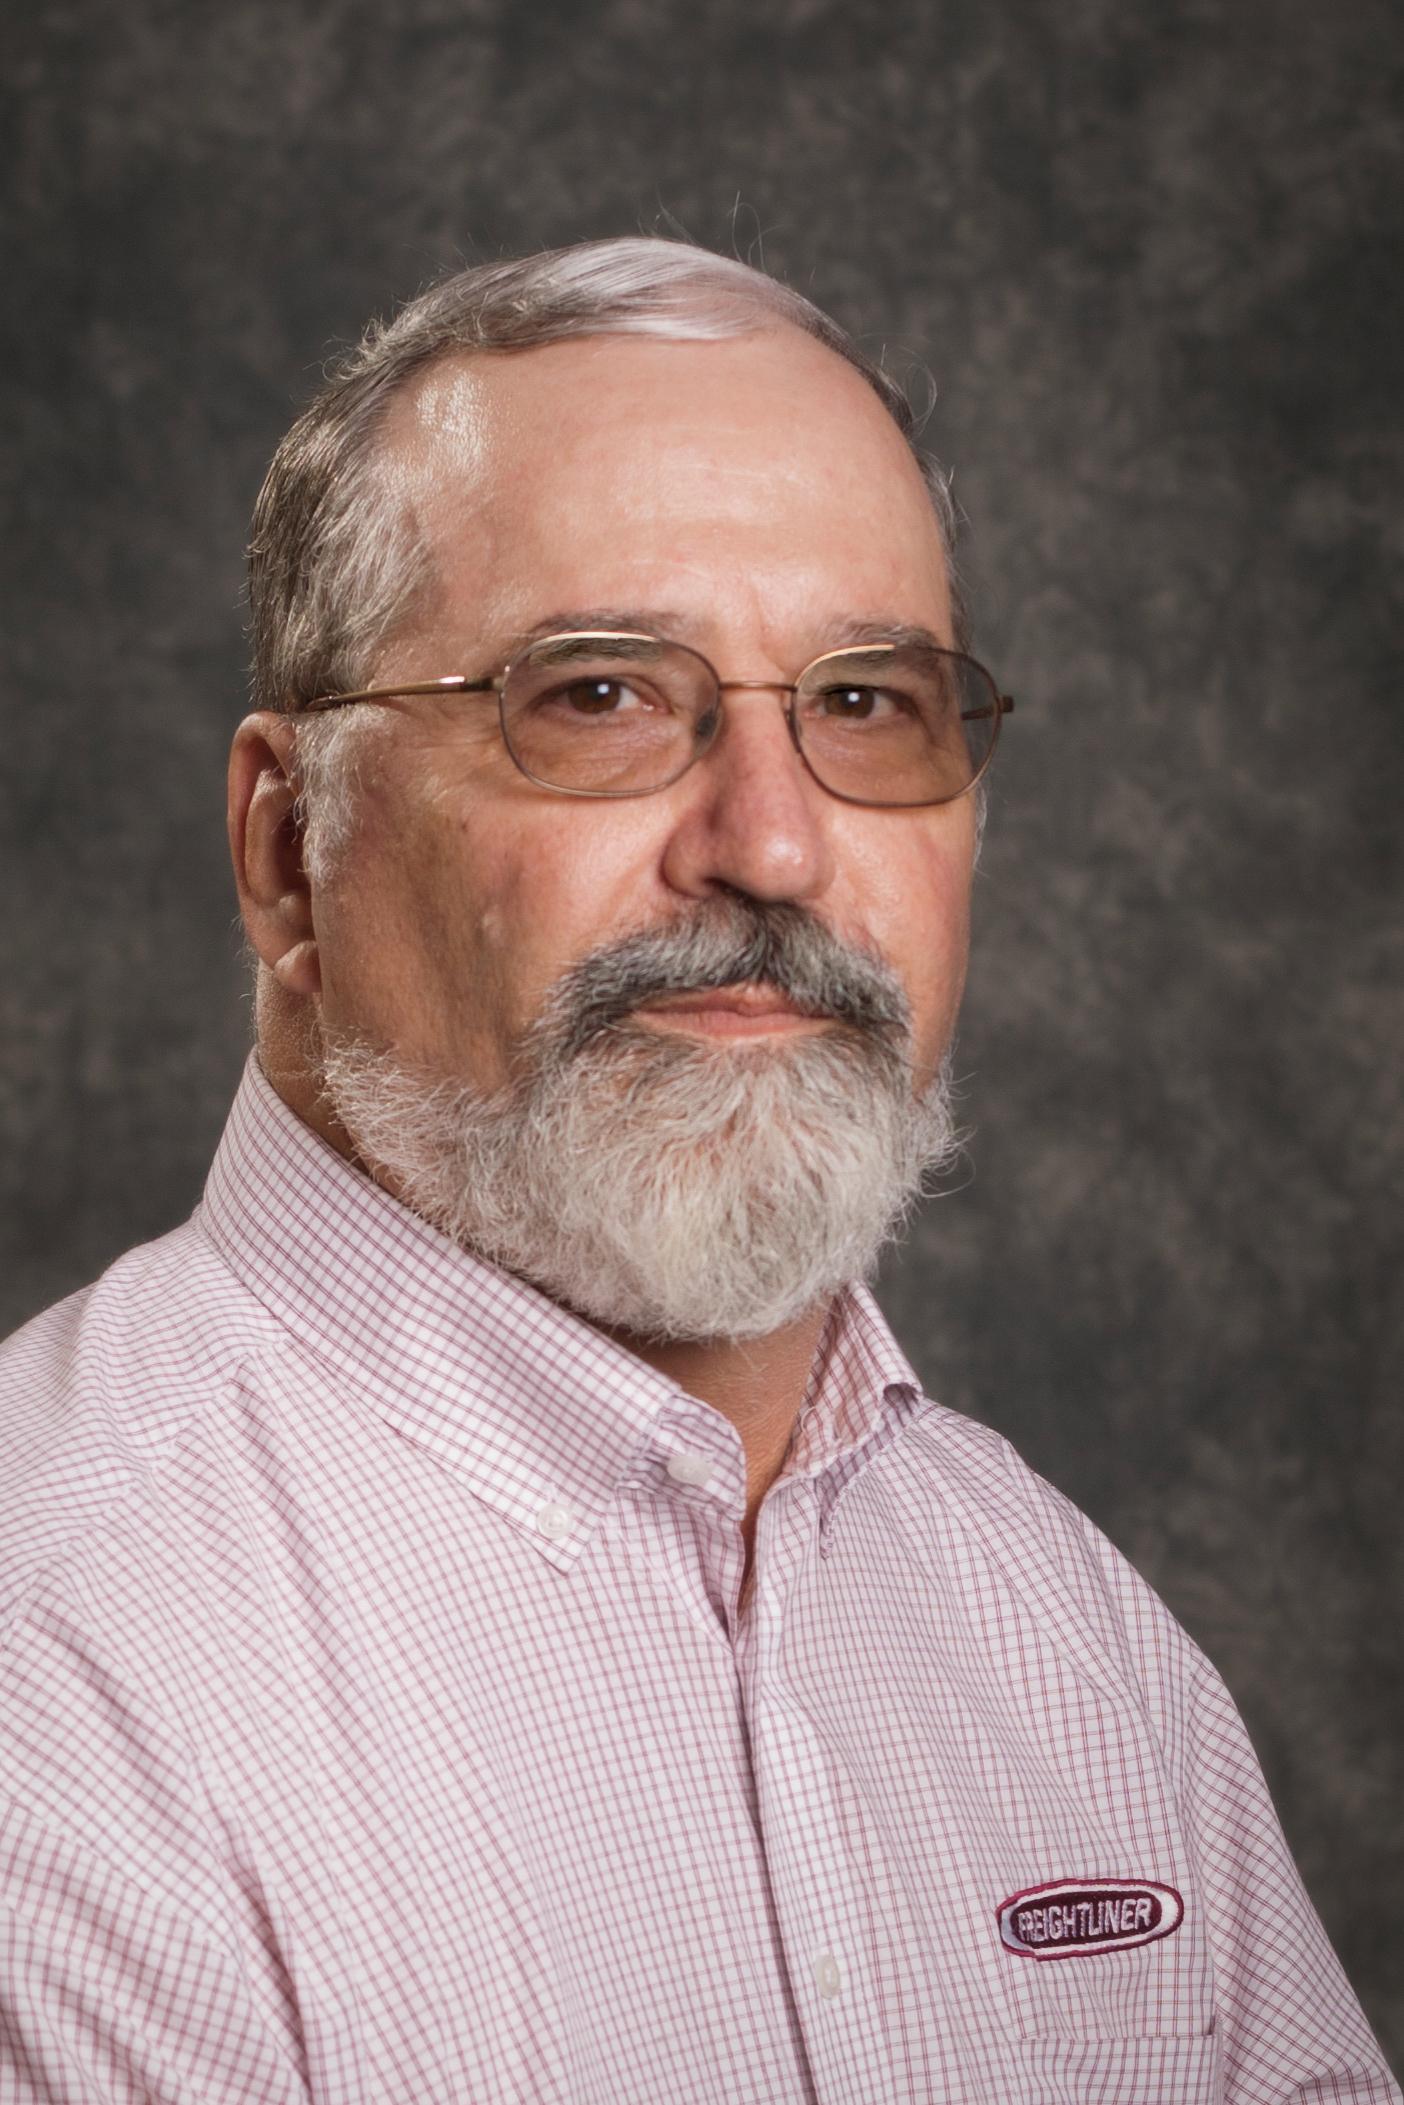 Robert Ulrichson